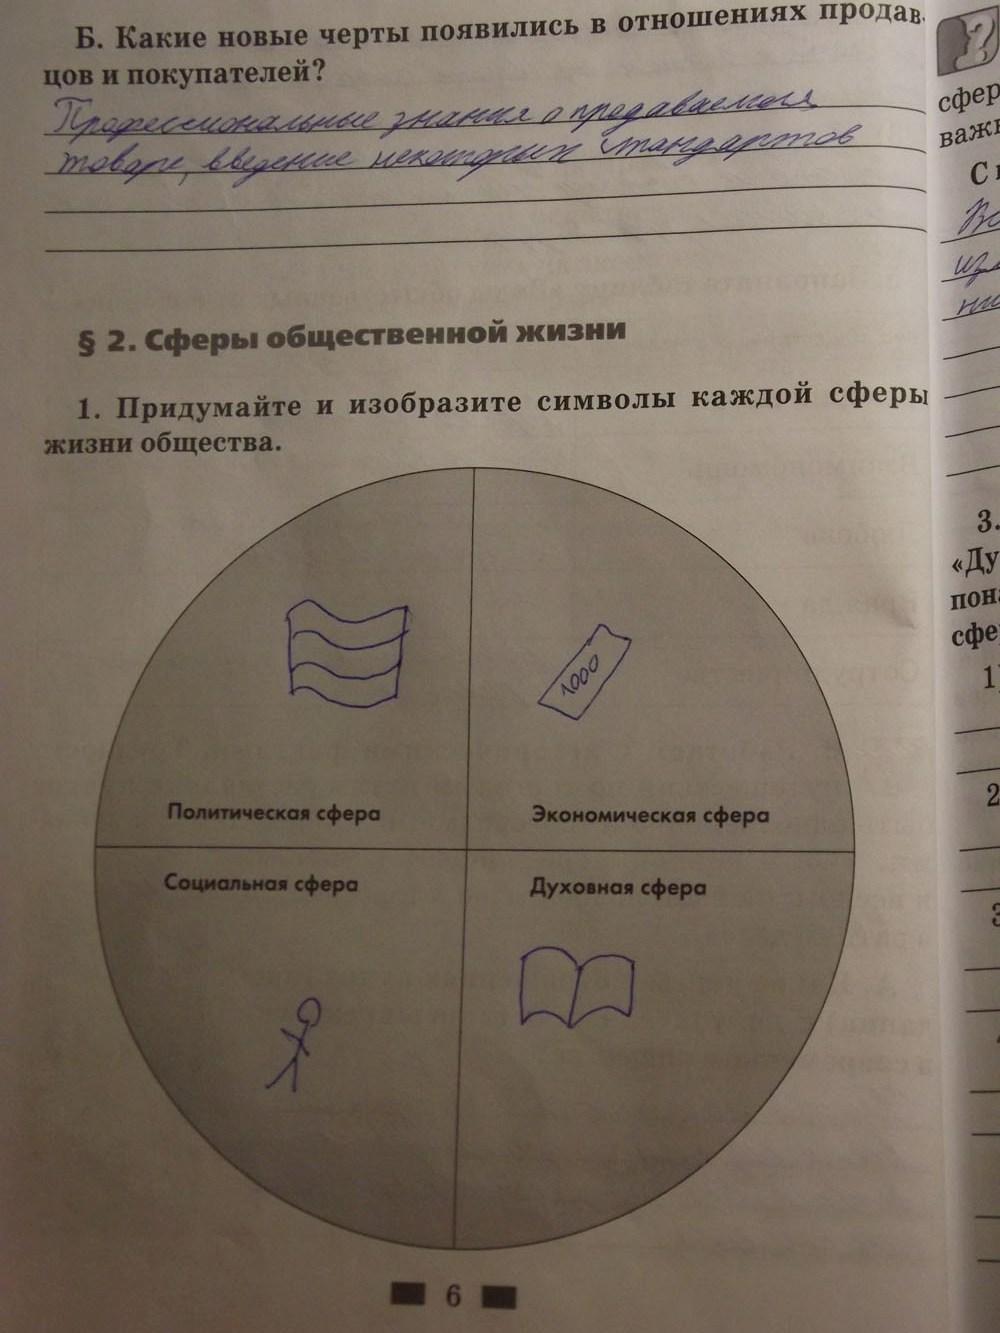 Решебник По Обществознанию 6 Класс А.и Кравченко